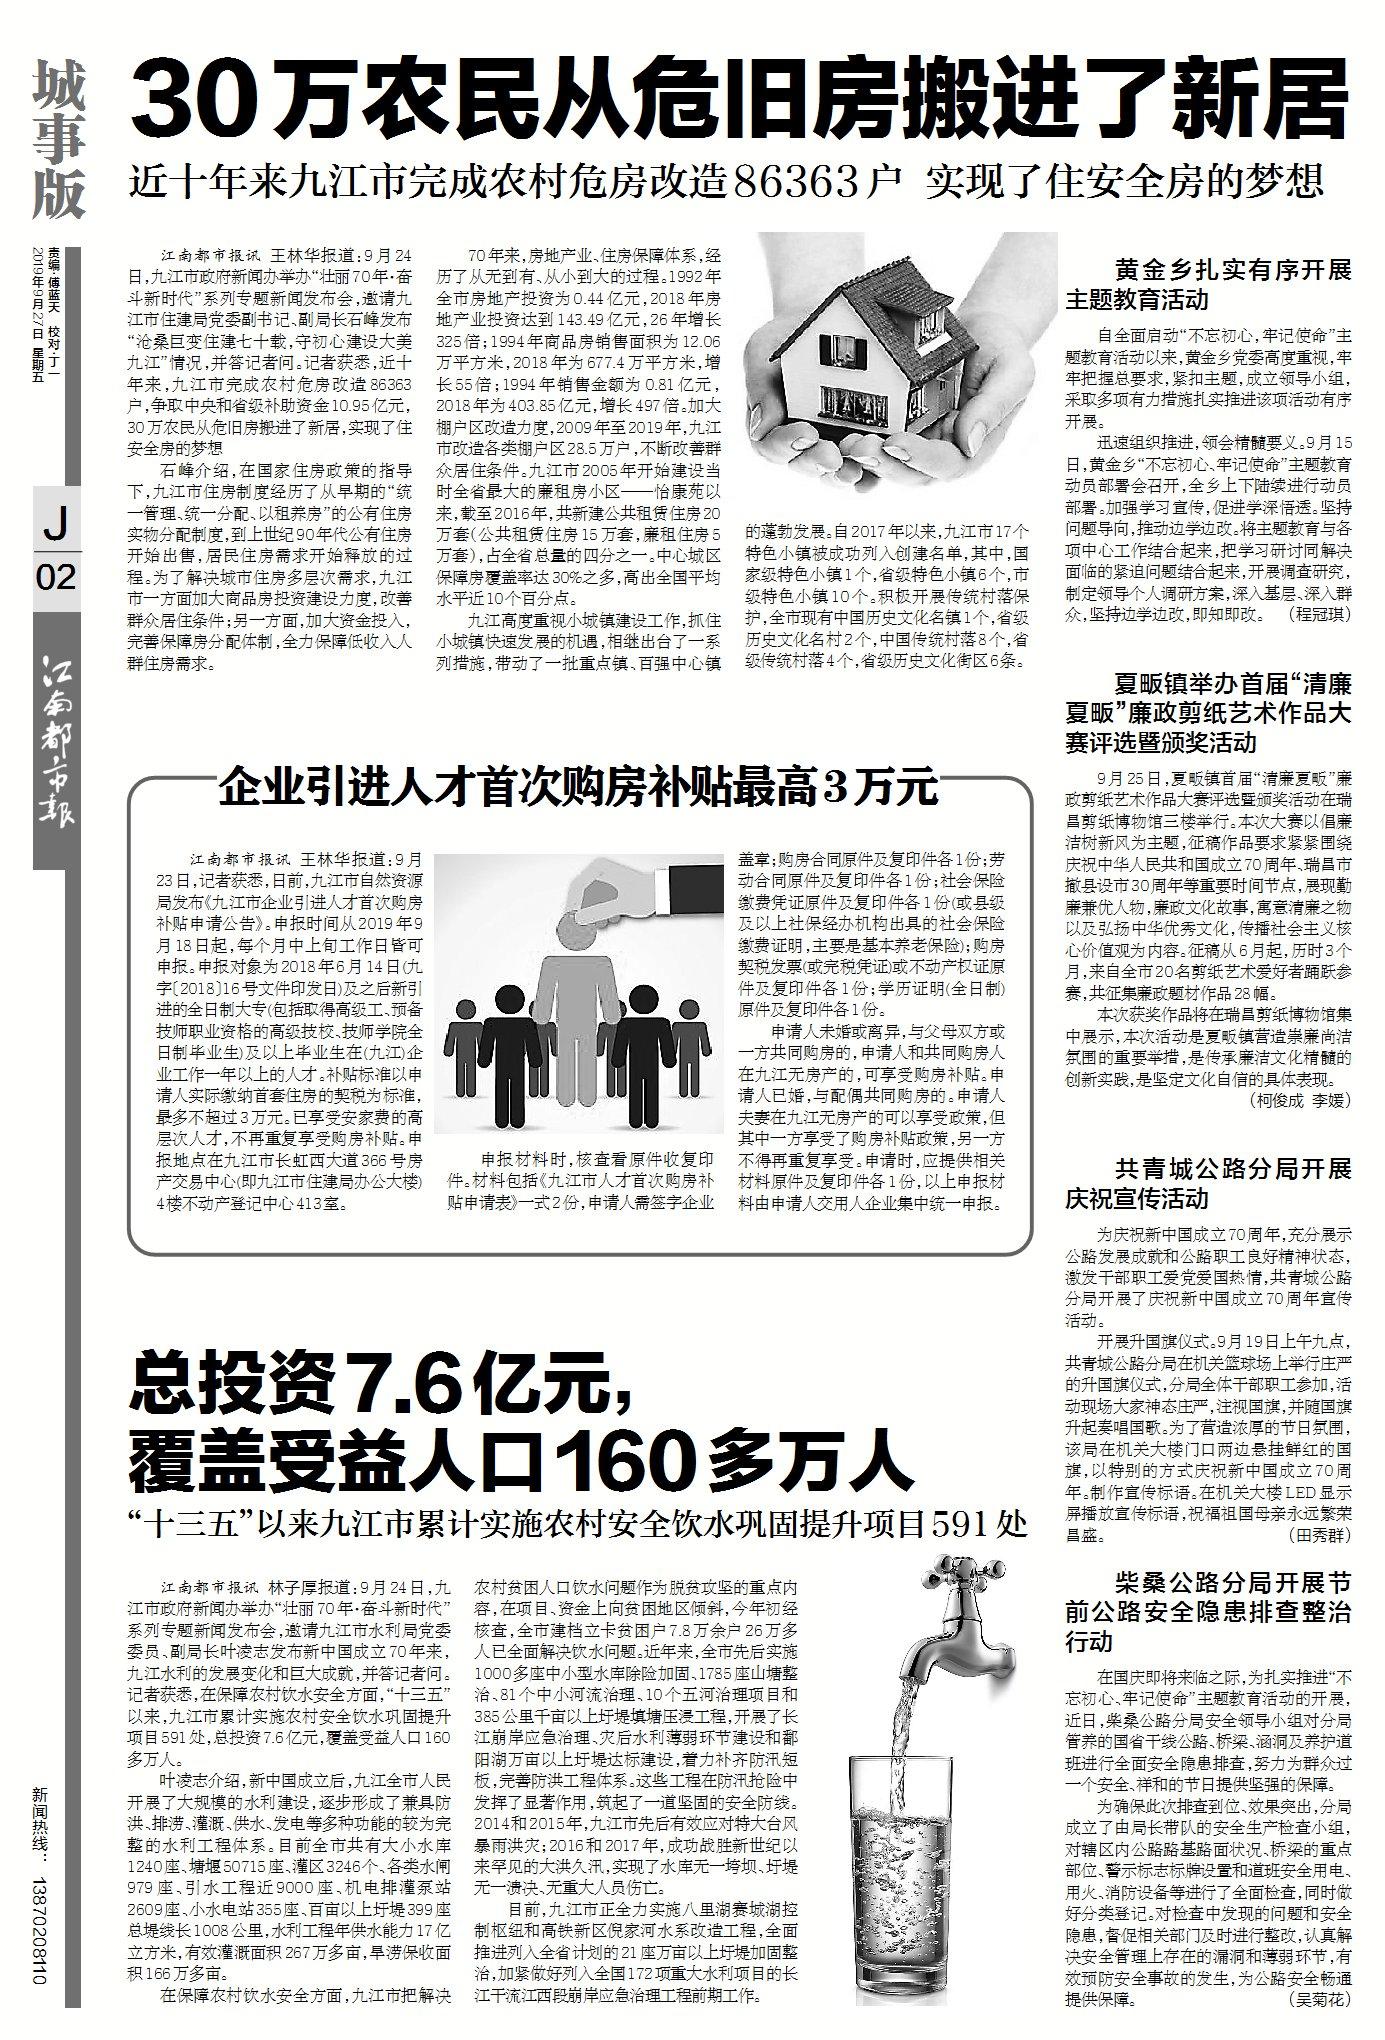 2019年9月27日江南都市报《亚博体育app苹果新闻》2版